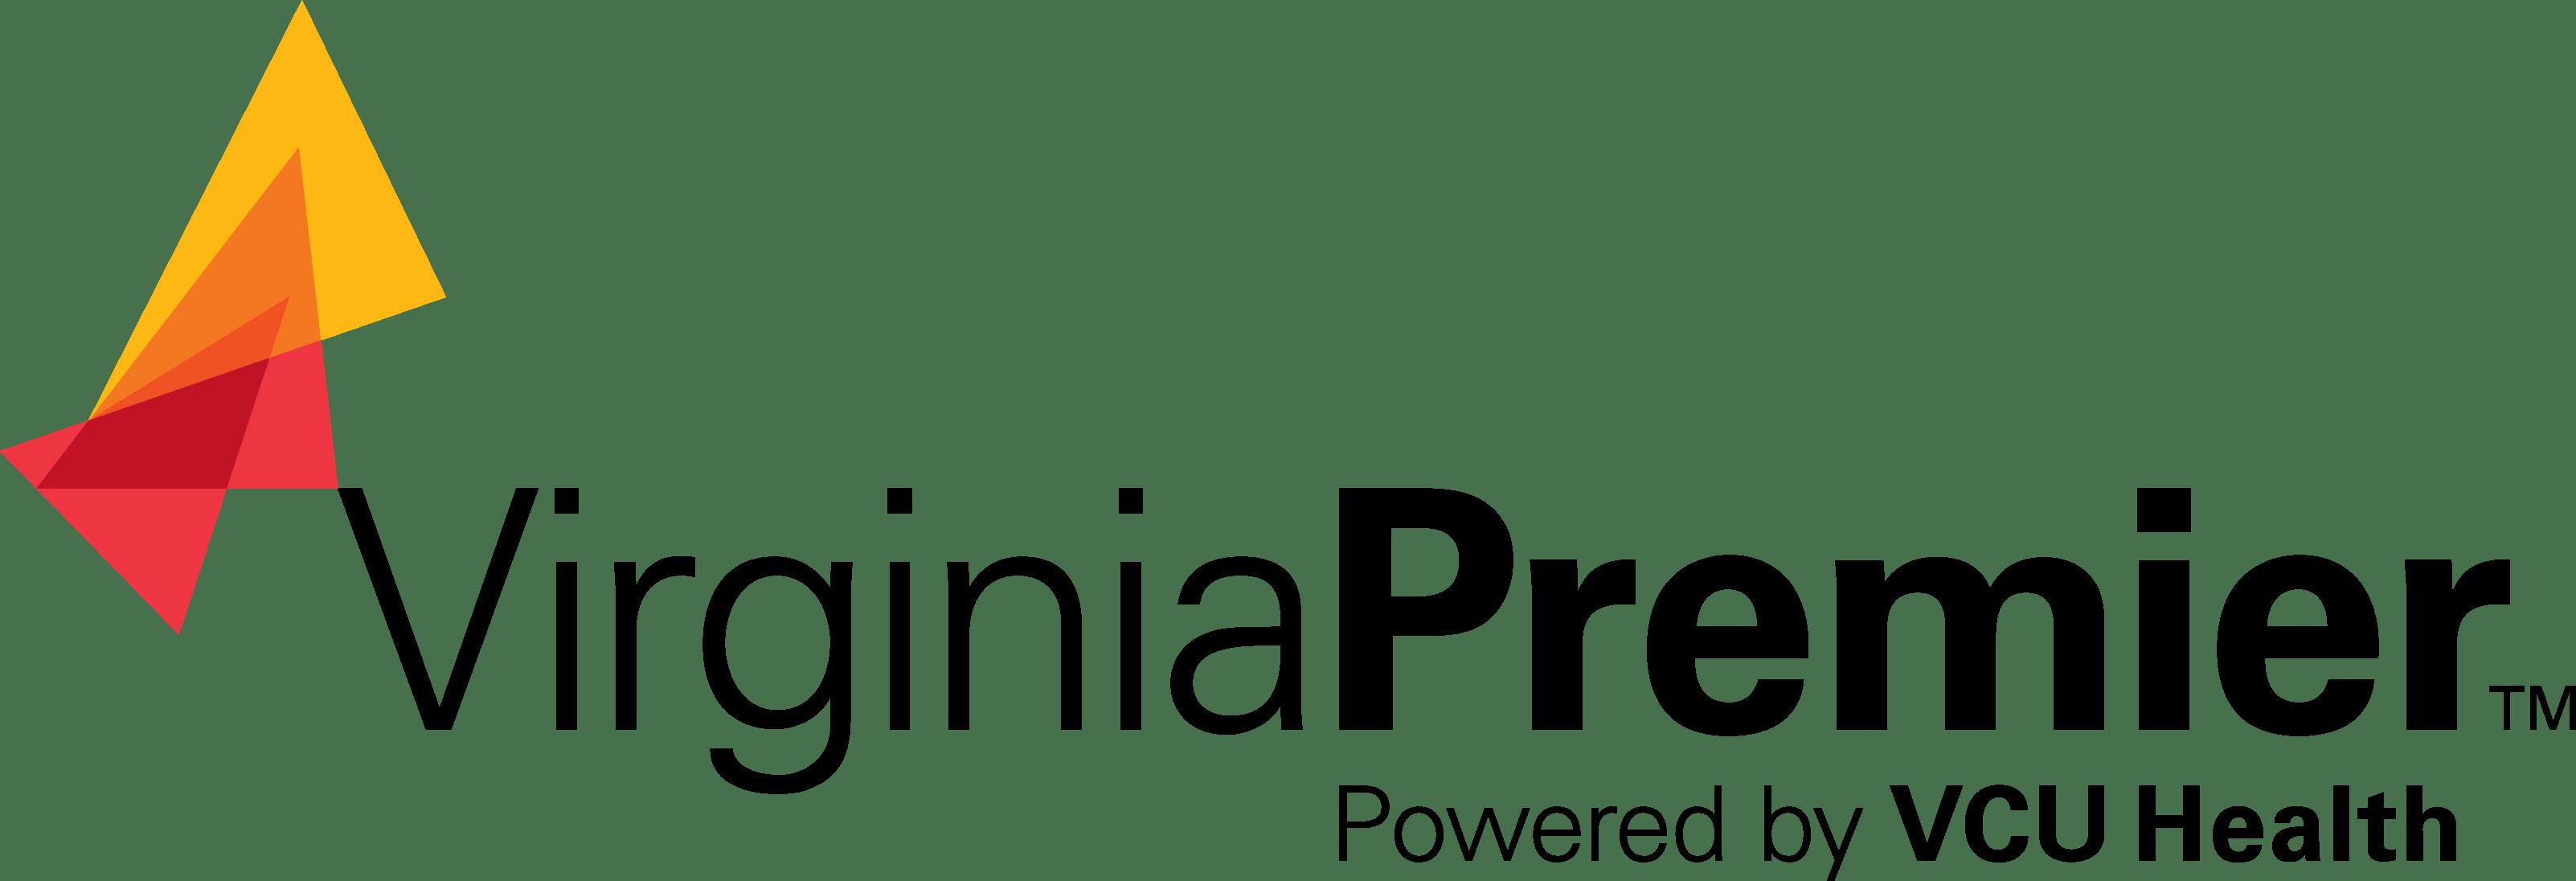 Virginia Premier